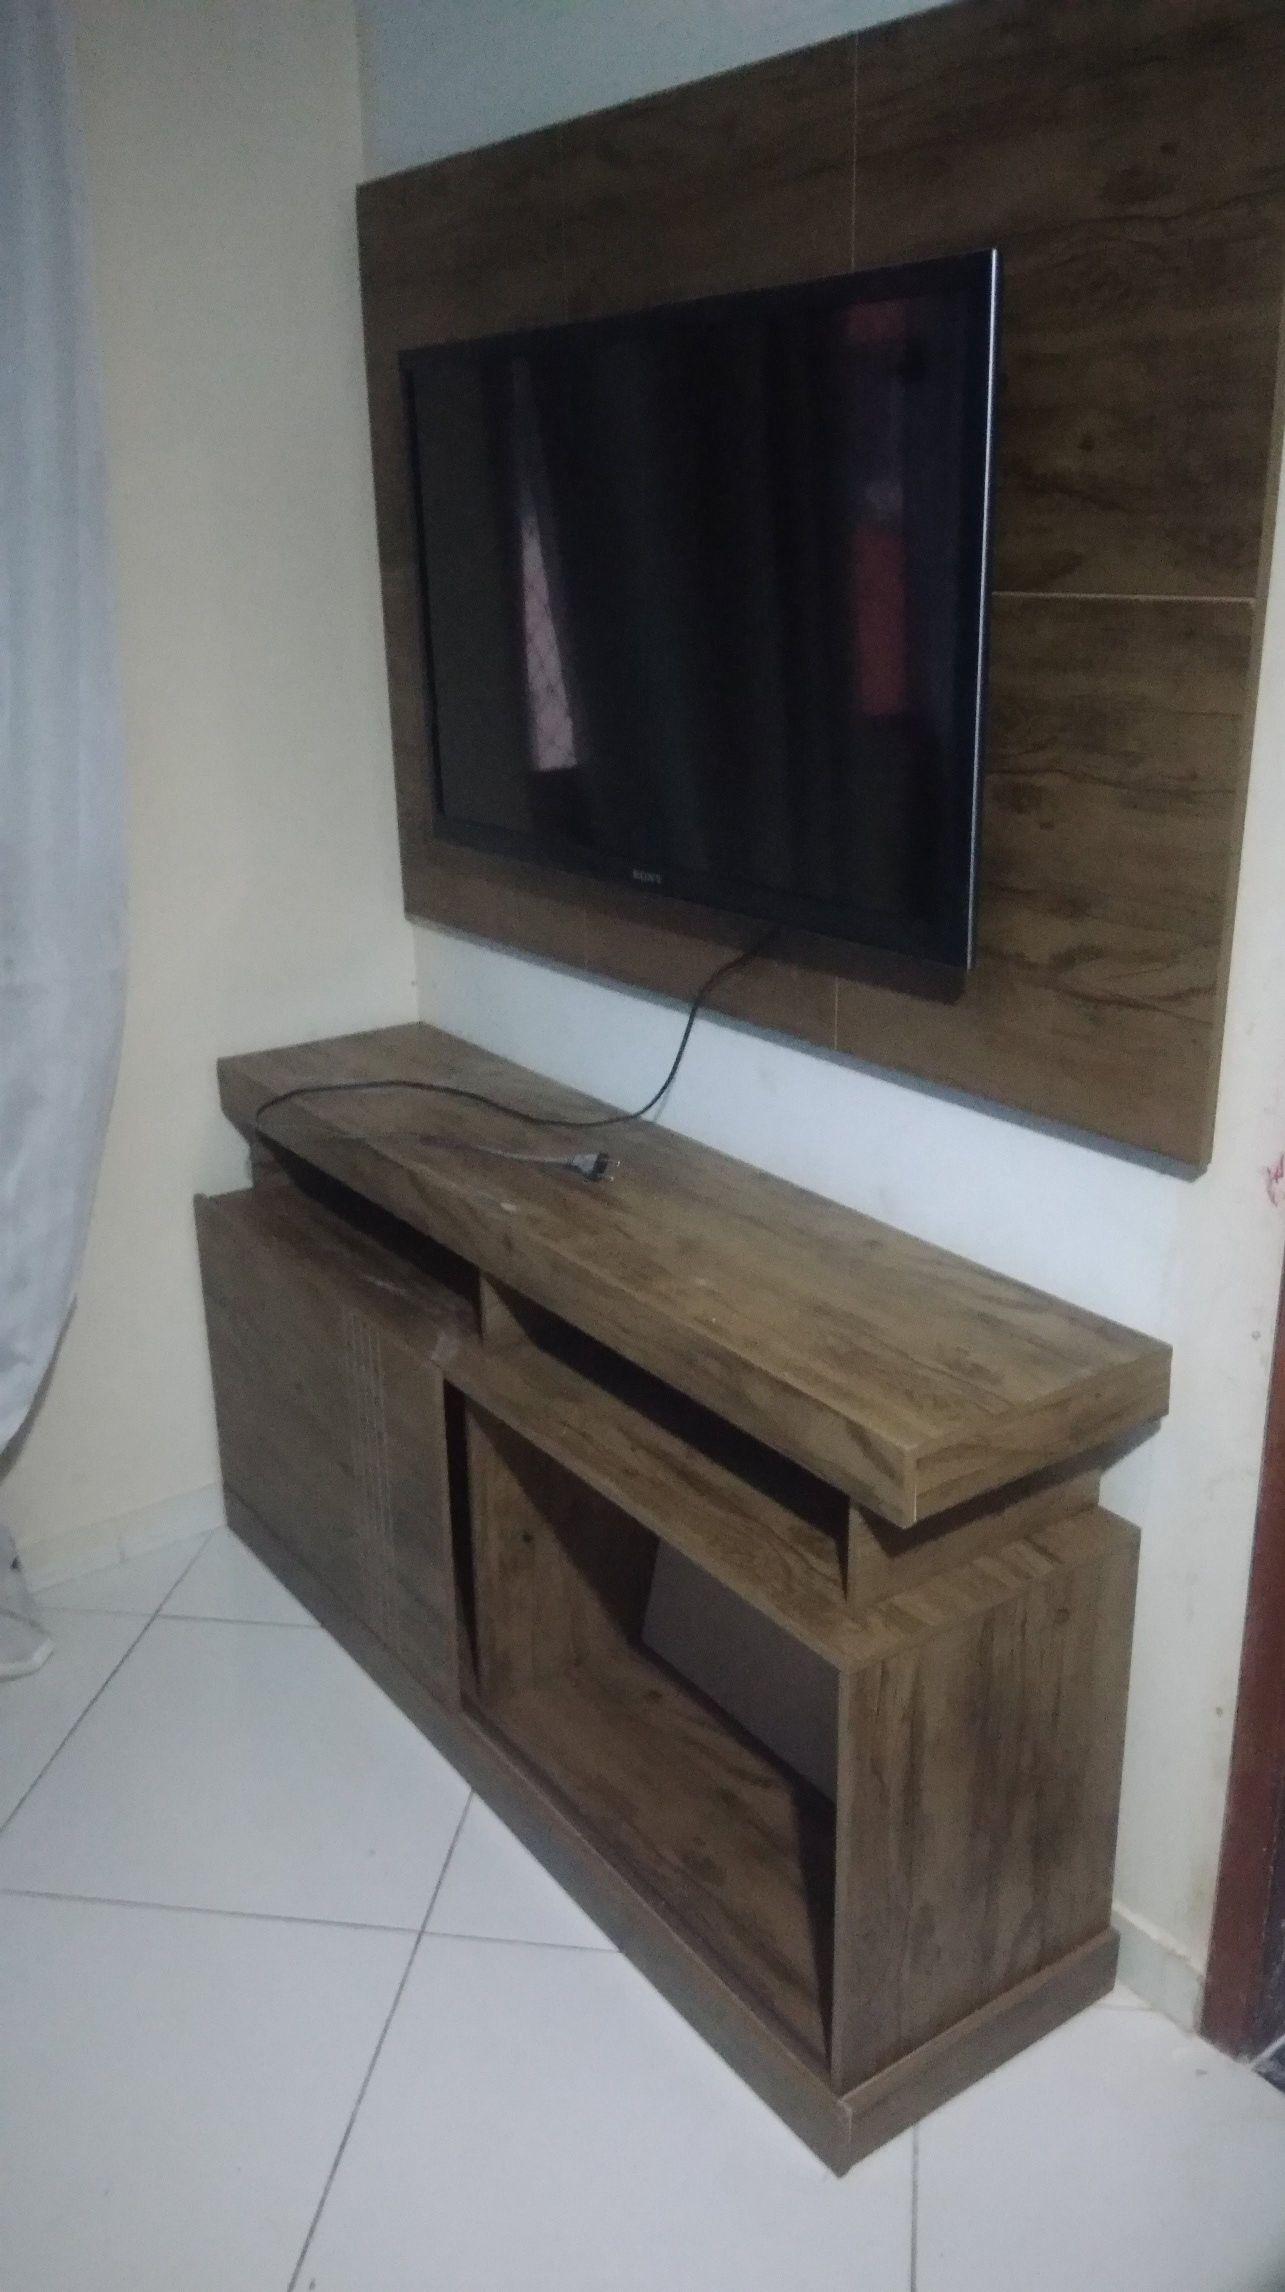 montagem de rack + painel com instalação de tv